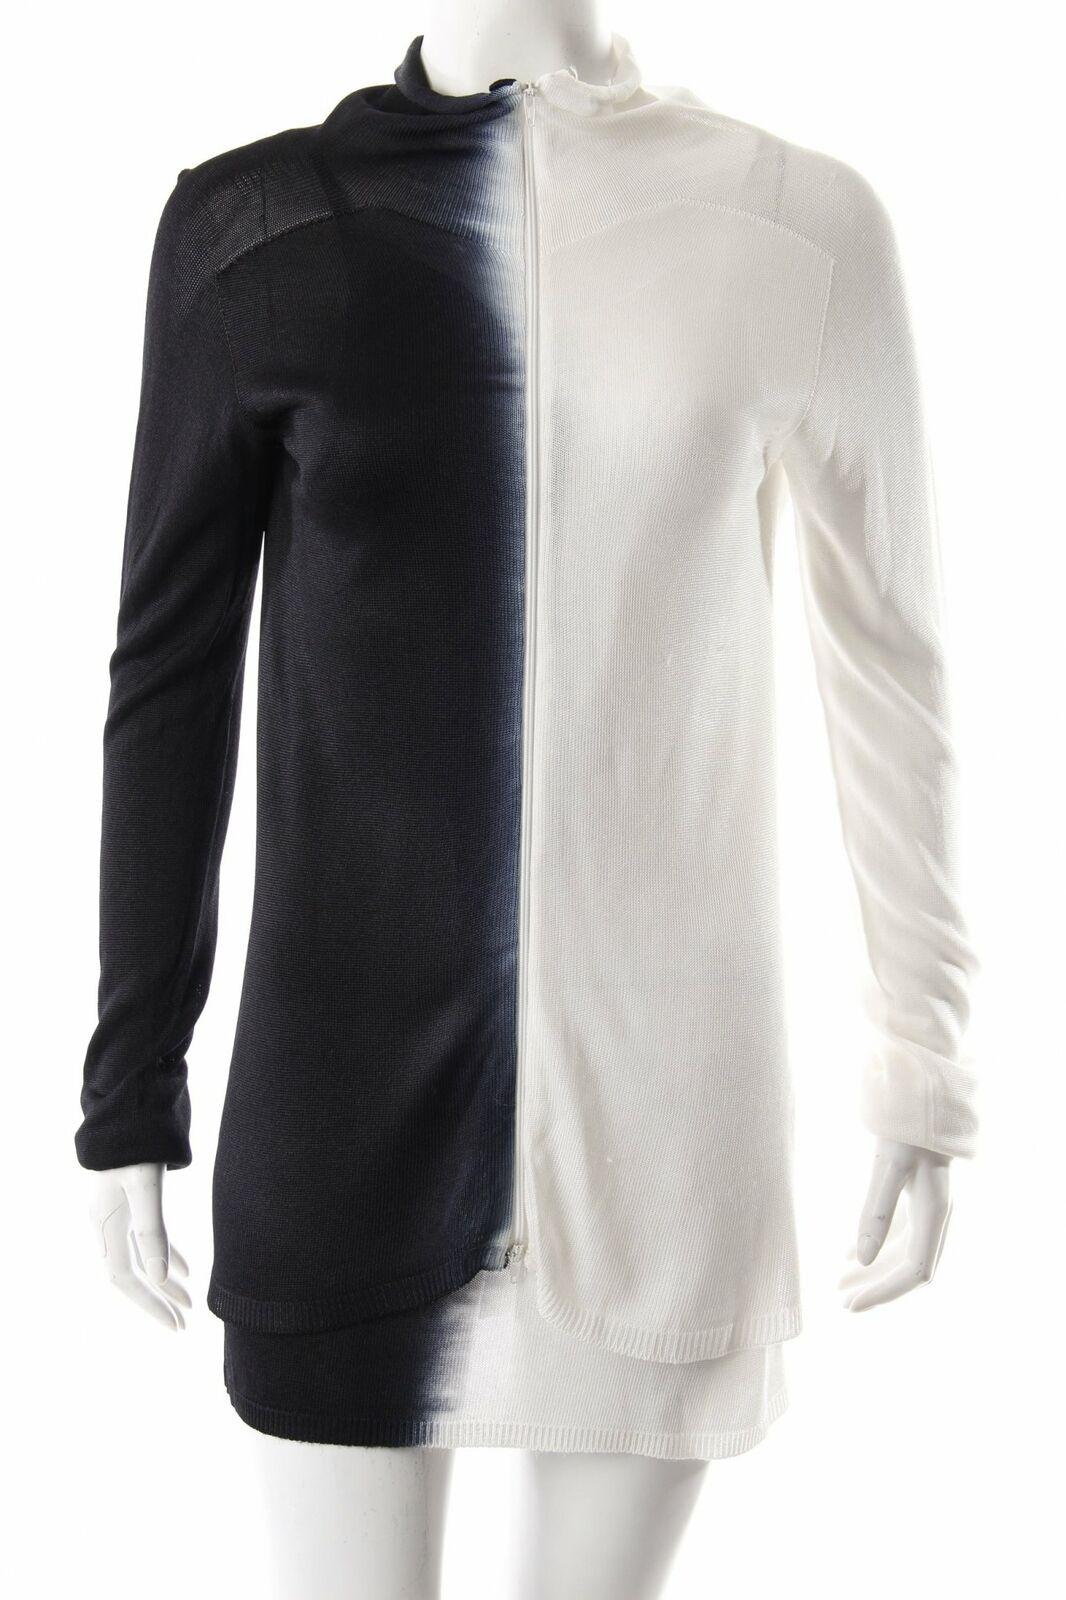 TWIN-SET NERO-Bianco con sfumatura di colore da donna tg. de 38 TWIN SET MAGLIA TWIN SET